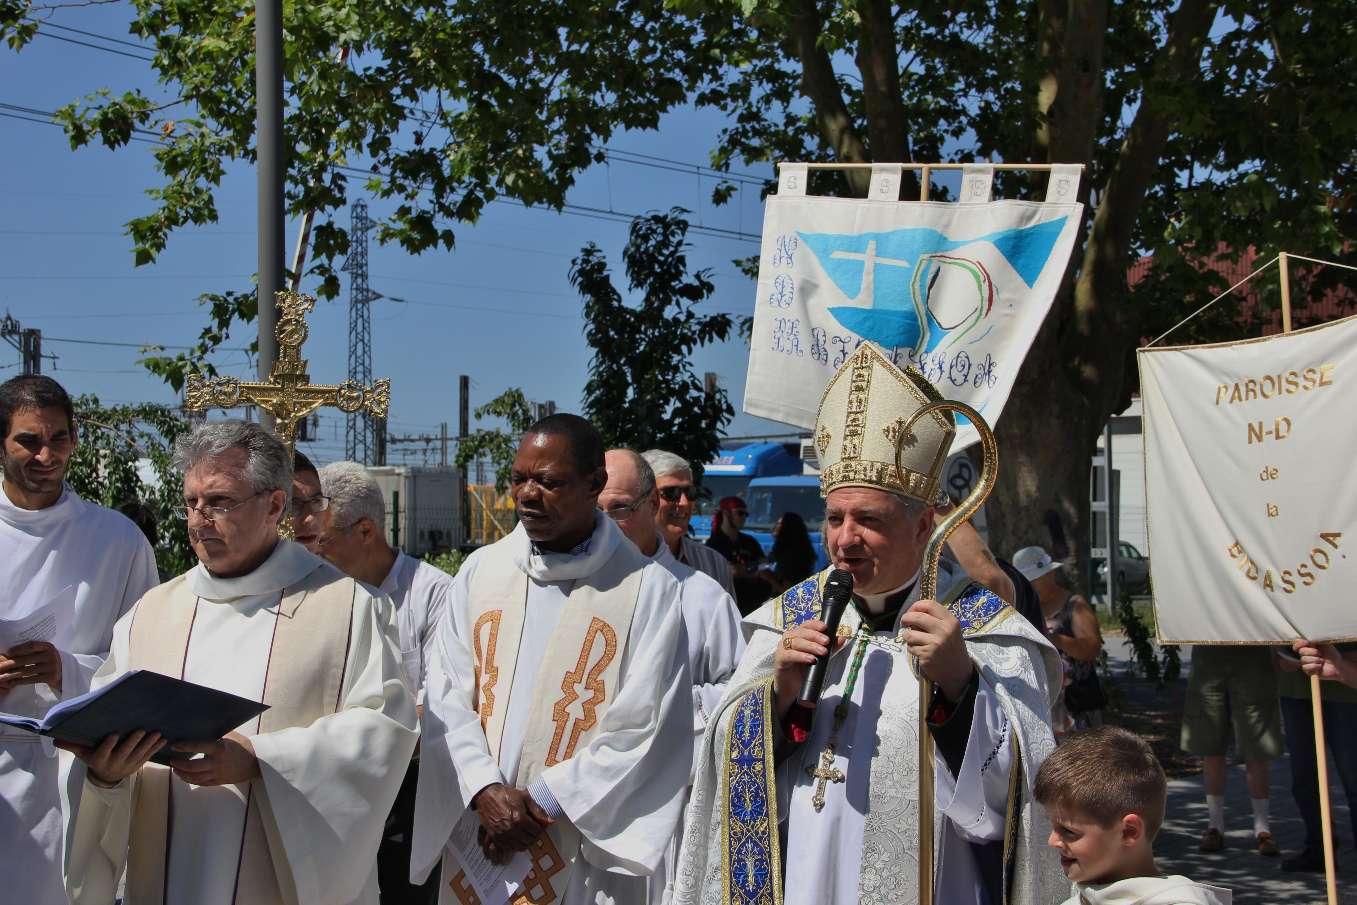 Accueil fraternel de Monseigneur Aillet pour son homologue espagnol et pour l'assemblée